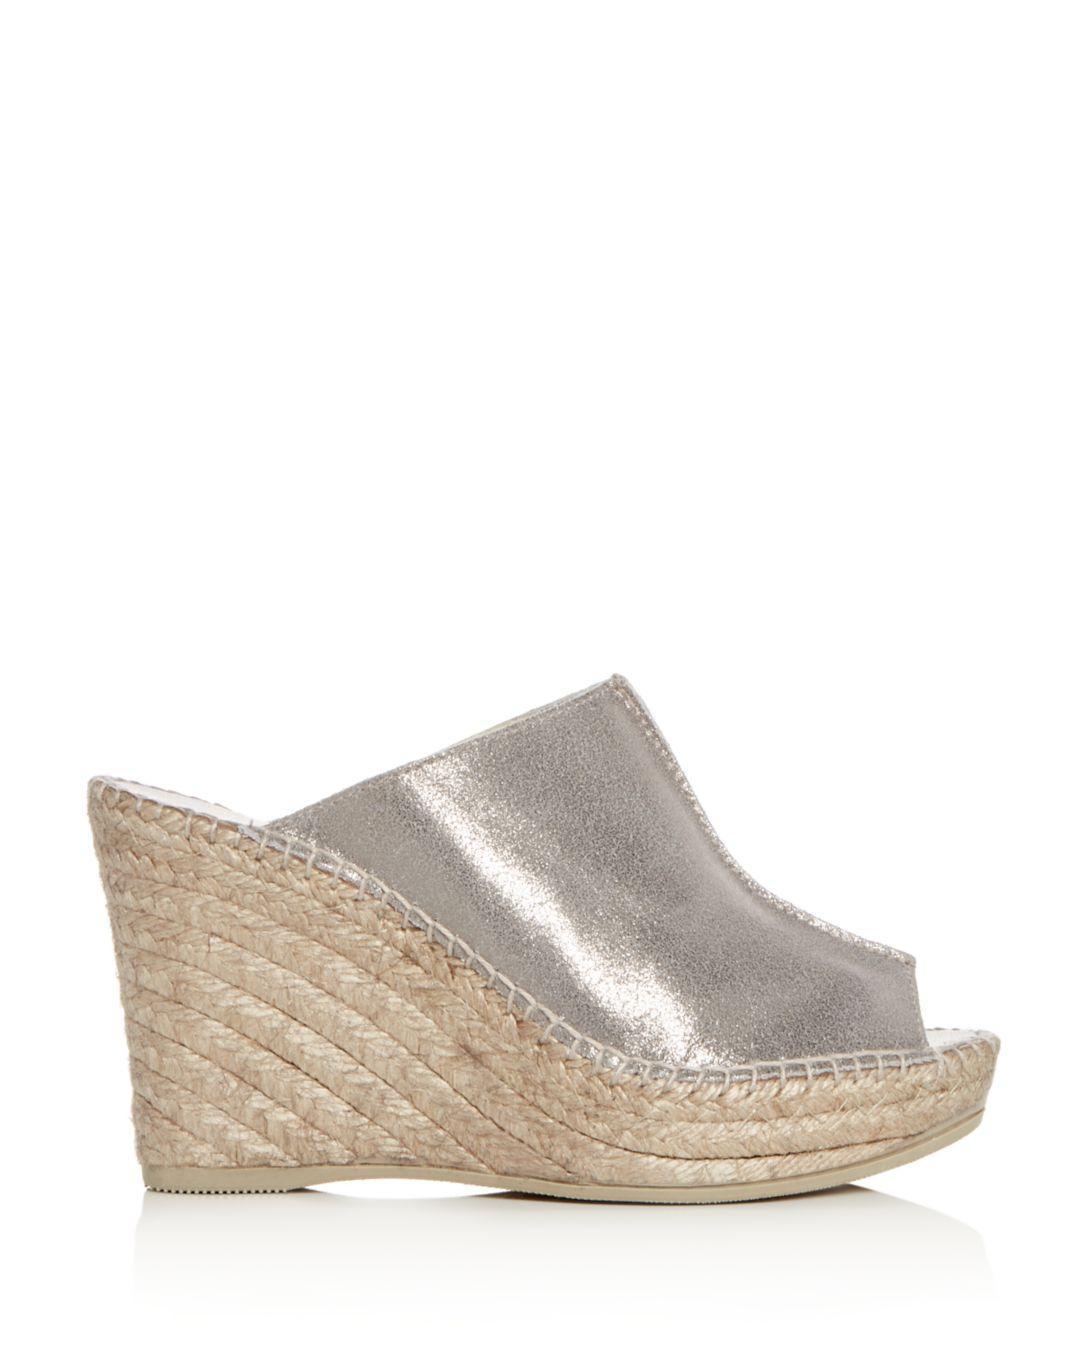 00639355dd7 Women's Cici Platform Wedge Espadrille Slide Sandals